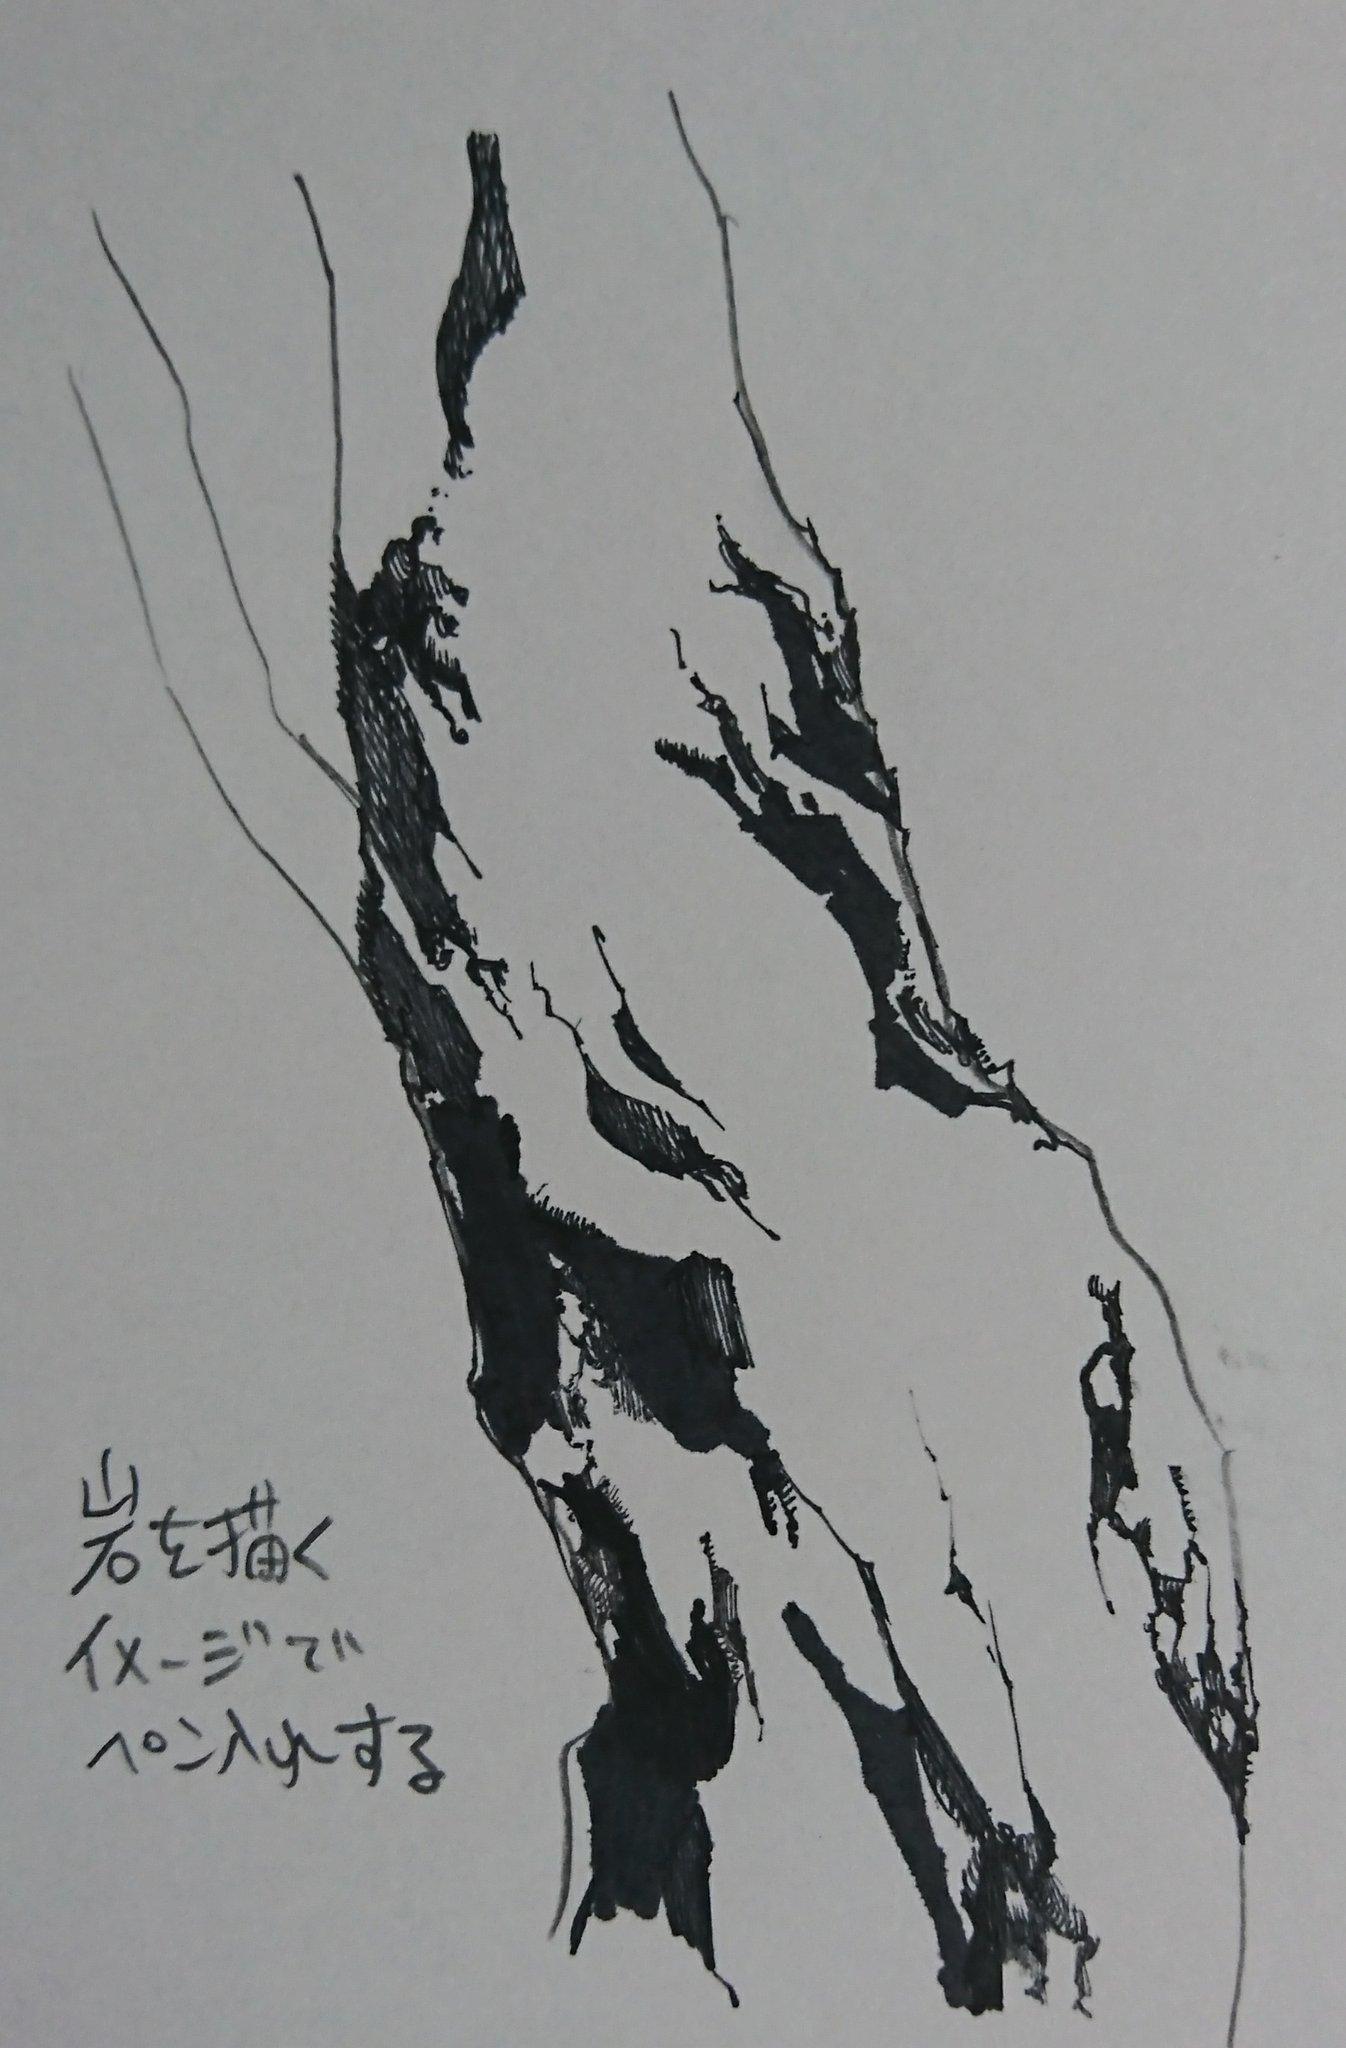 イラスターさん必見!黒っぽい木をモノクロで描くときのポイント!